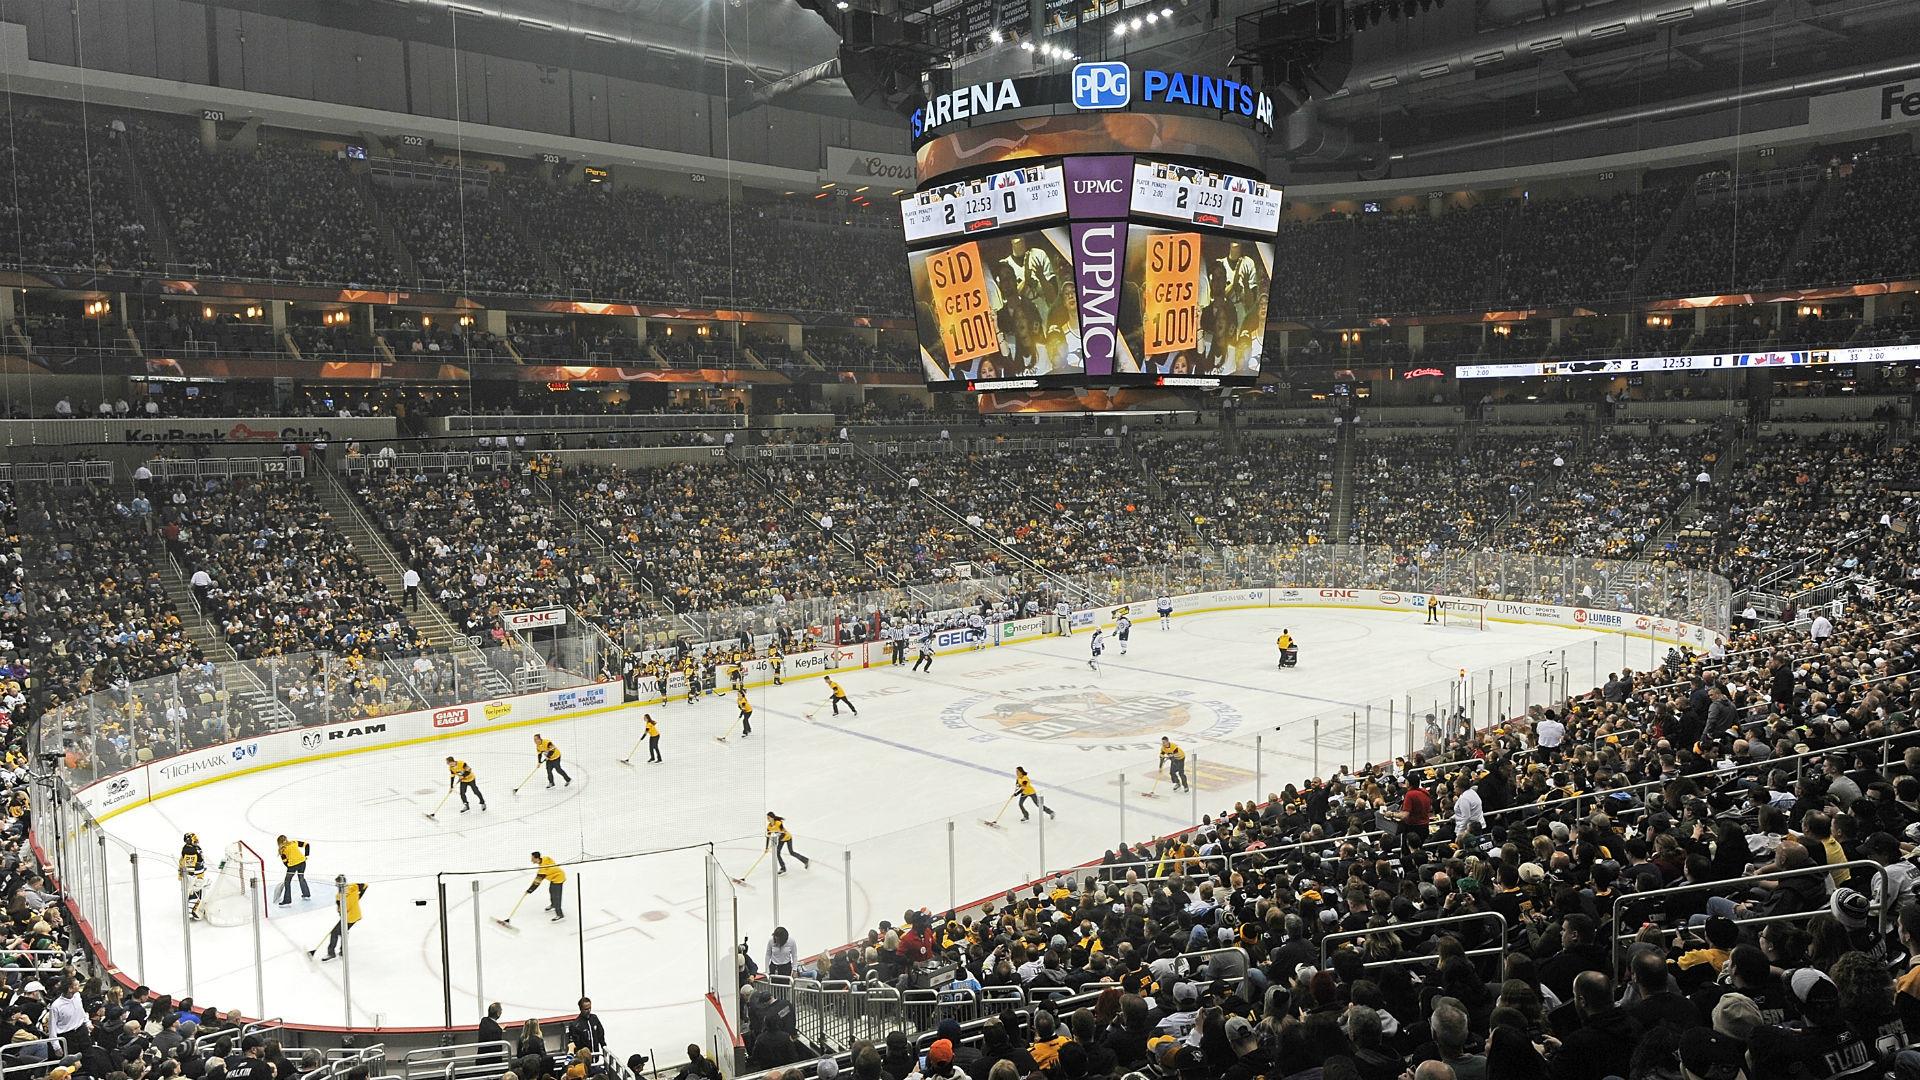 hockey background image